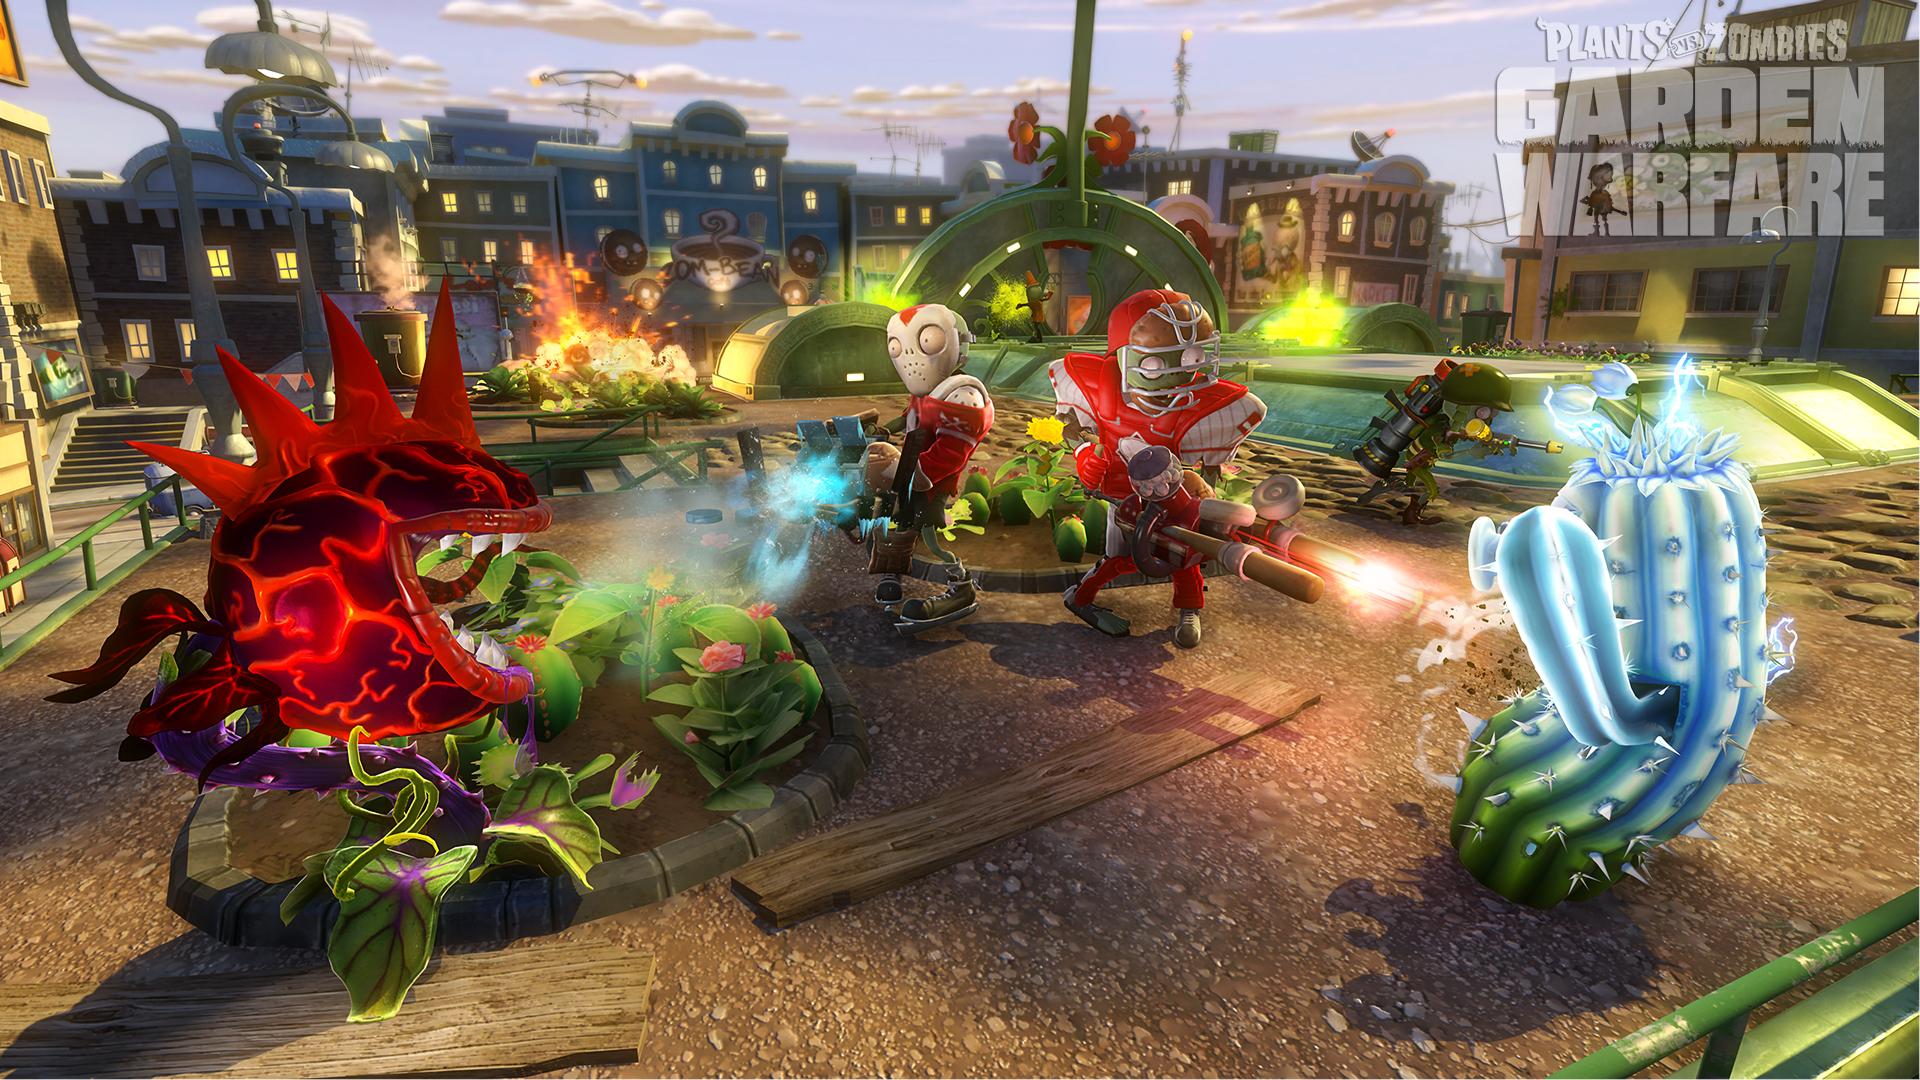 Plants Vs Zombies Garden Warfare Hd Wallpaper Background